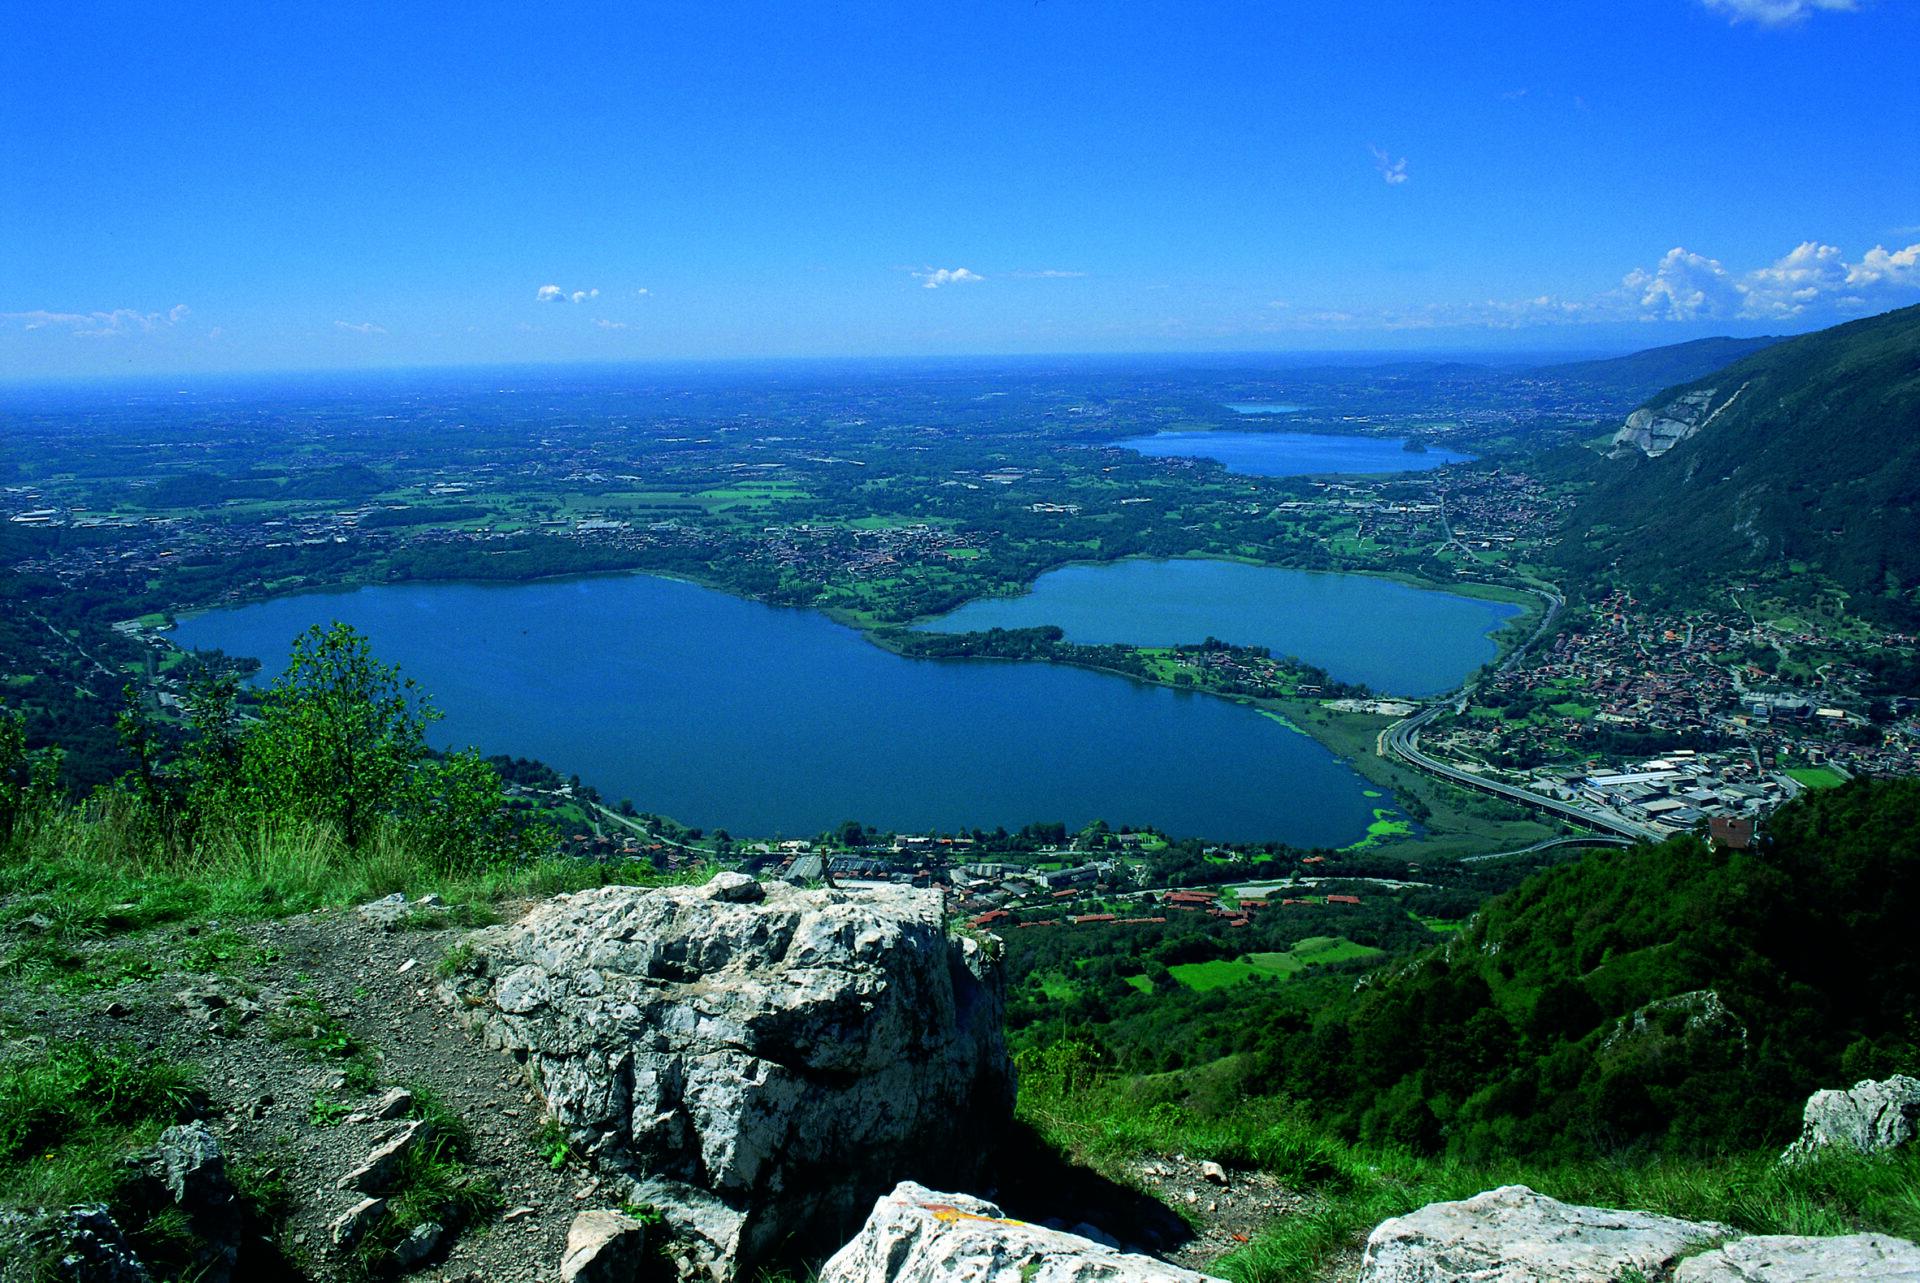 Veduta laghi briantei. Archivio Provincia di Lecco - Foto Vittorio Buratti